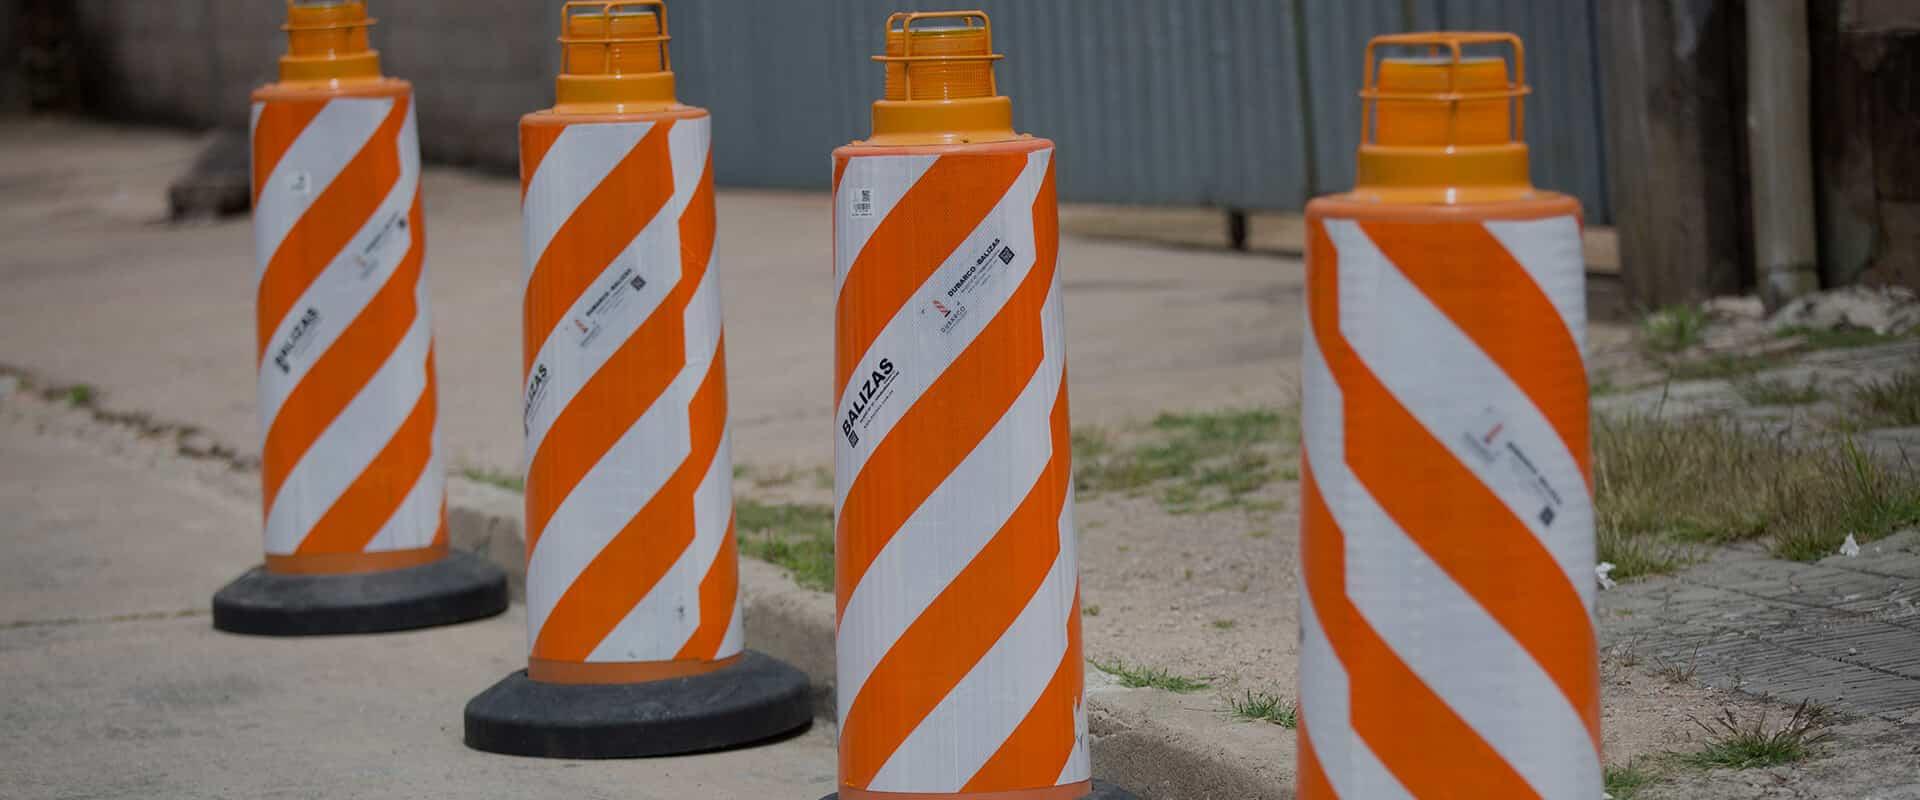 Arrendamientos y equipos de señalización vial